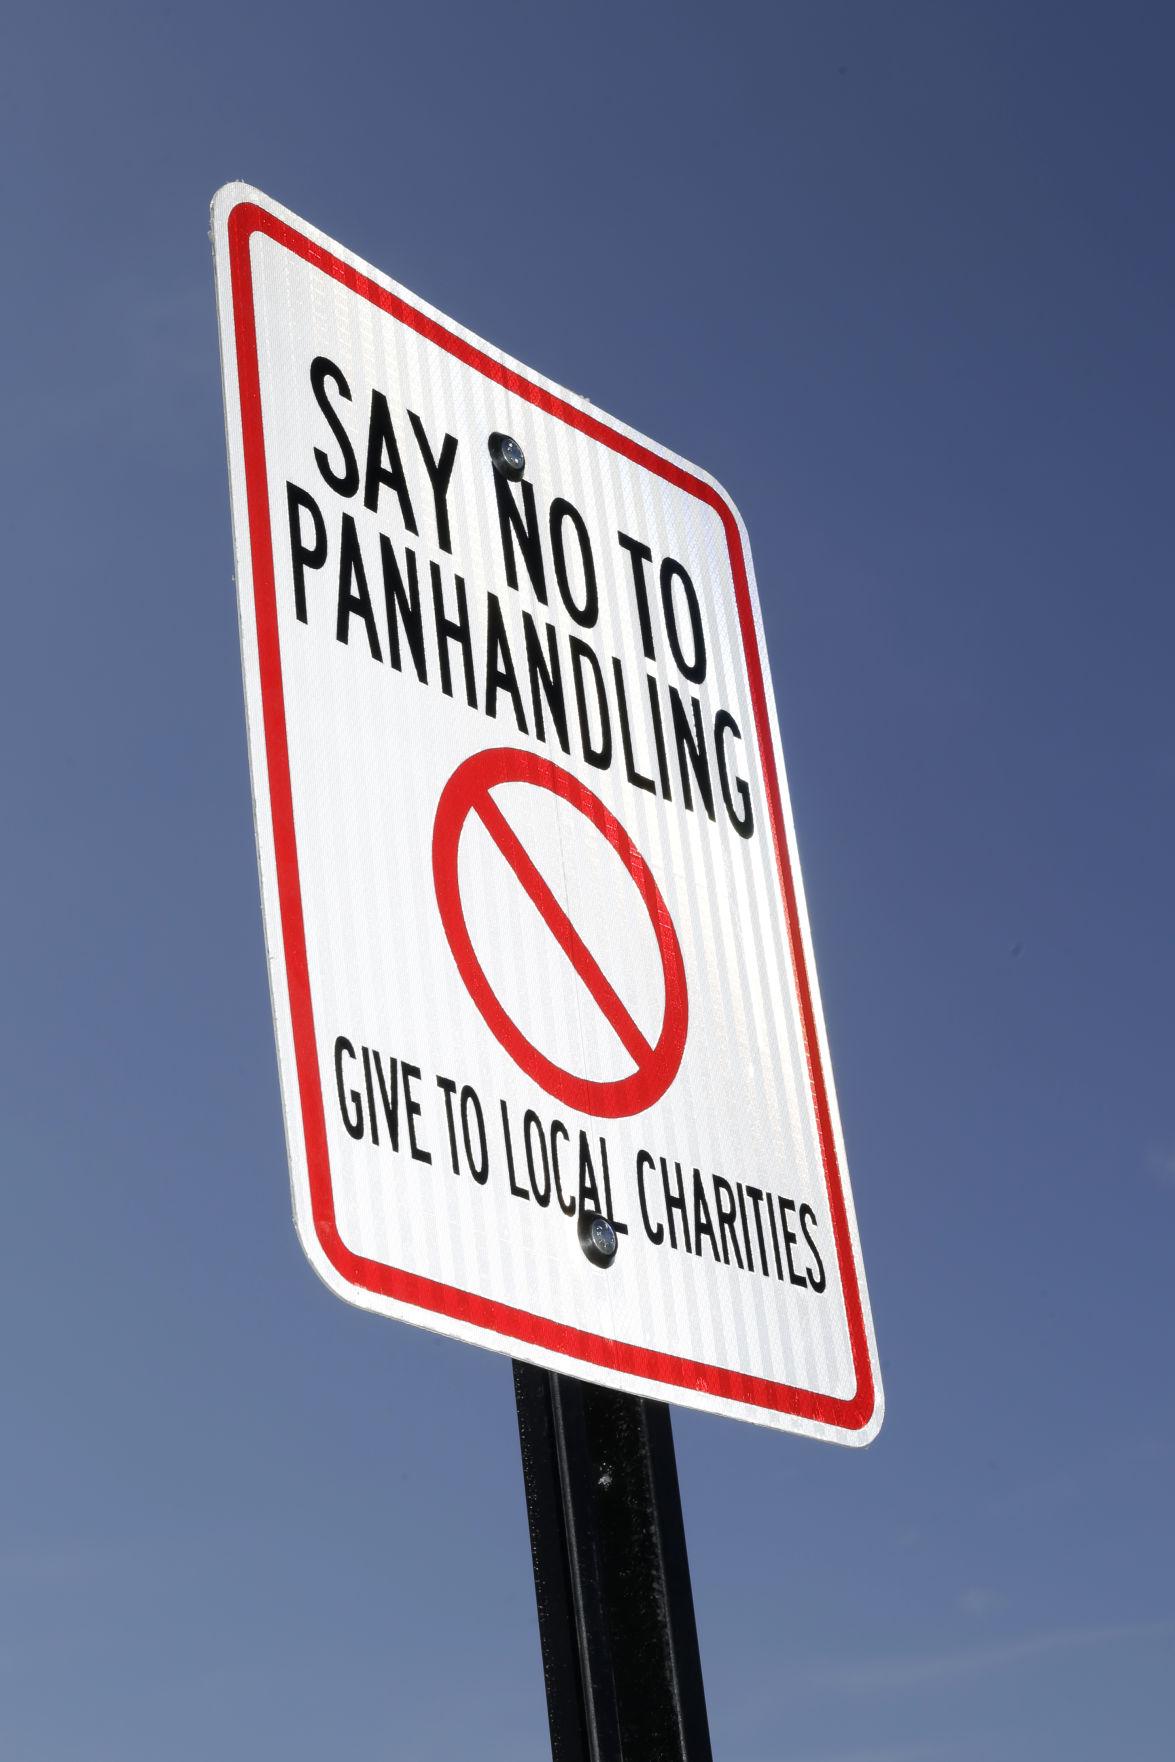 030420-sfnm-nws-panhandling